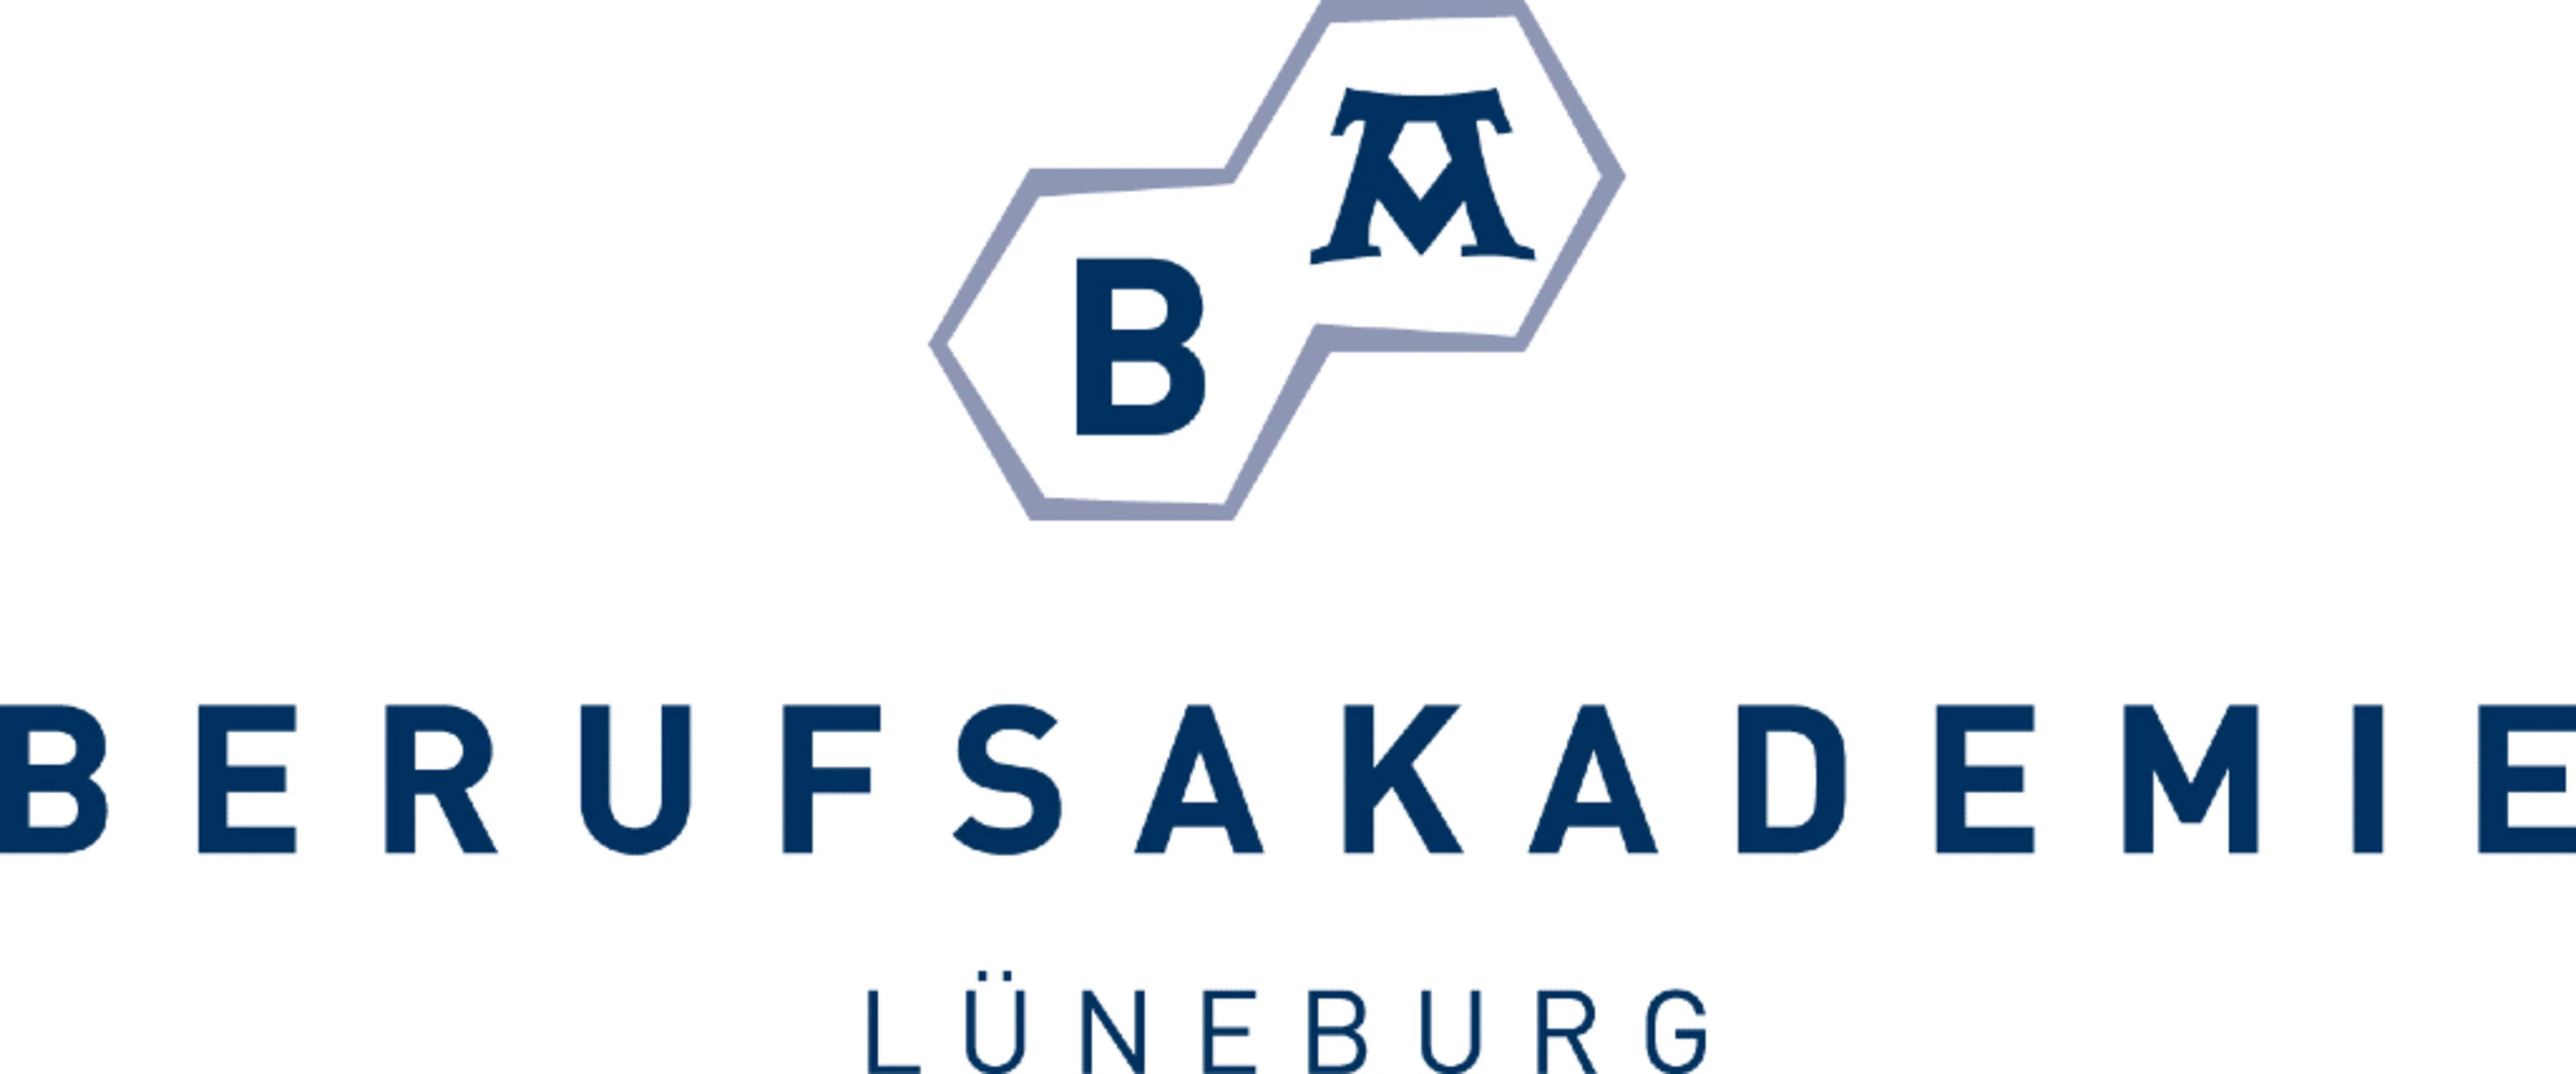 logo Berufsakademie Lüneburg e.V.